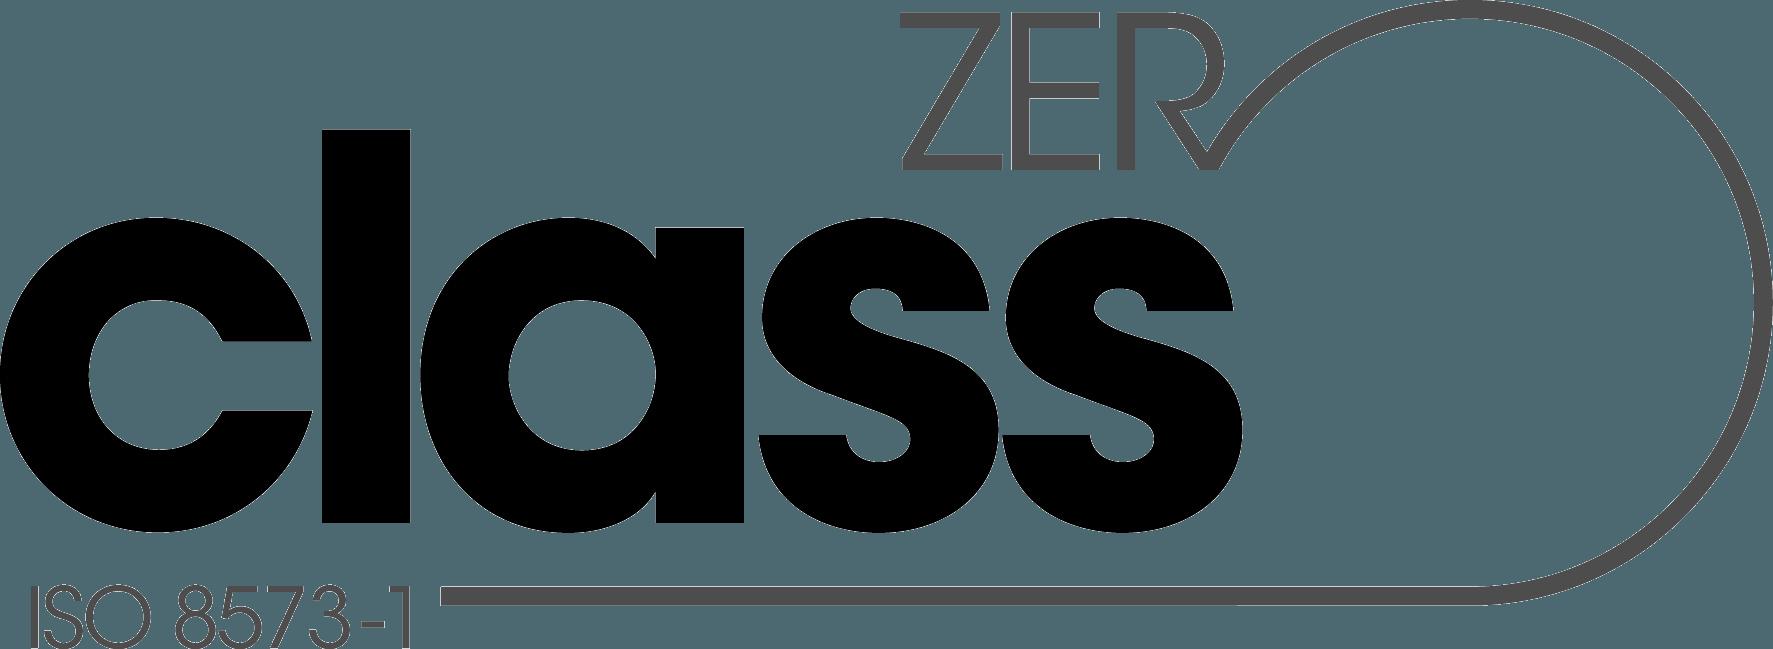 Class zero sticker_250x56